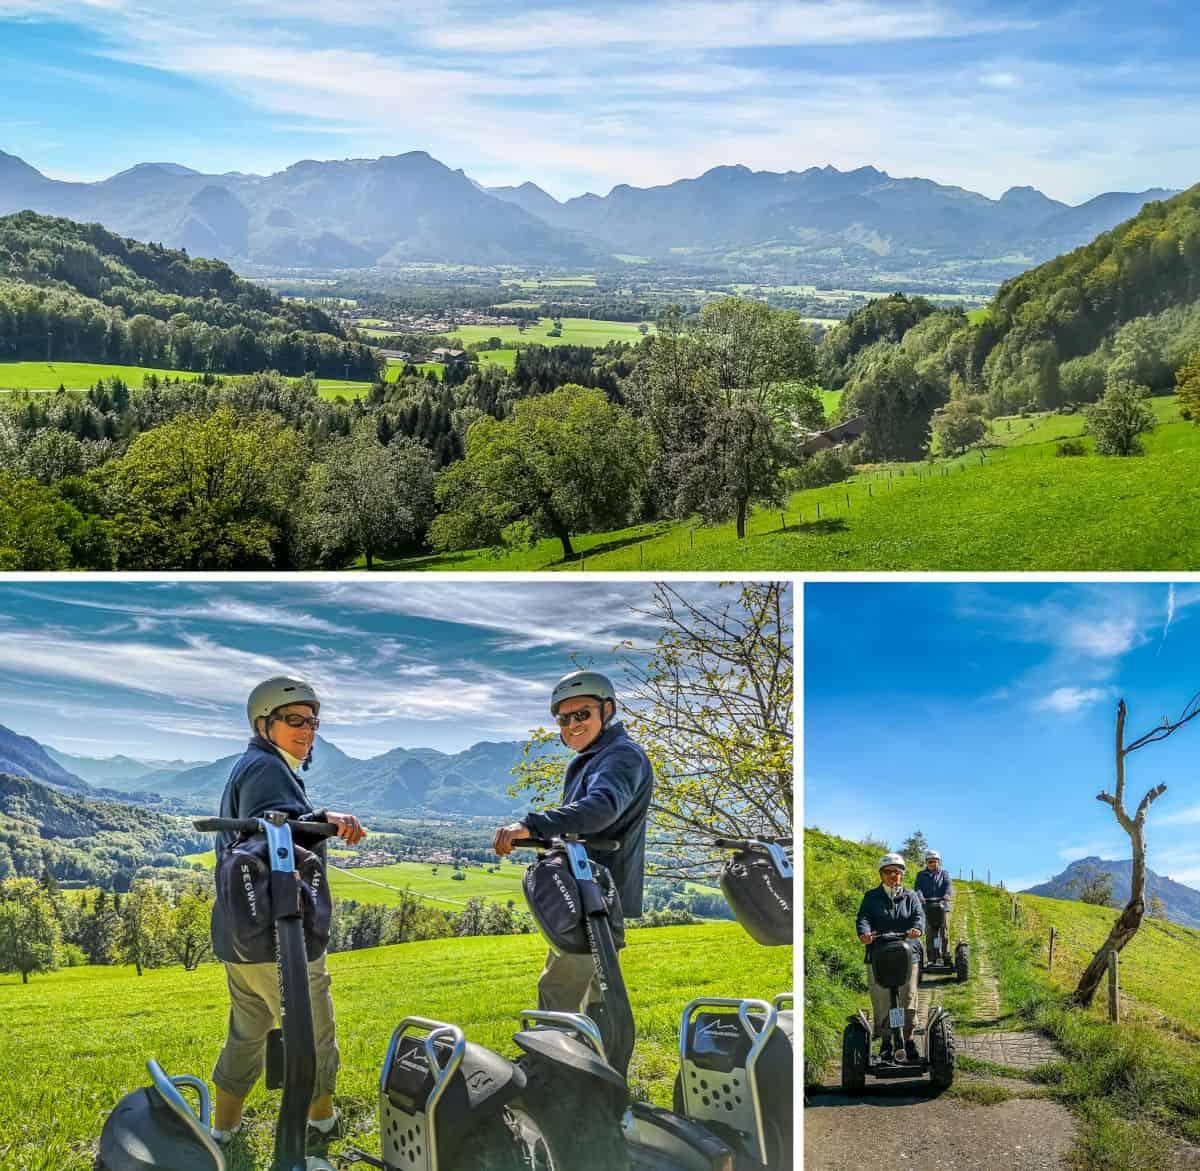 Segway Fahrer mit Blick ins Inntal, im Hintergrund Berge